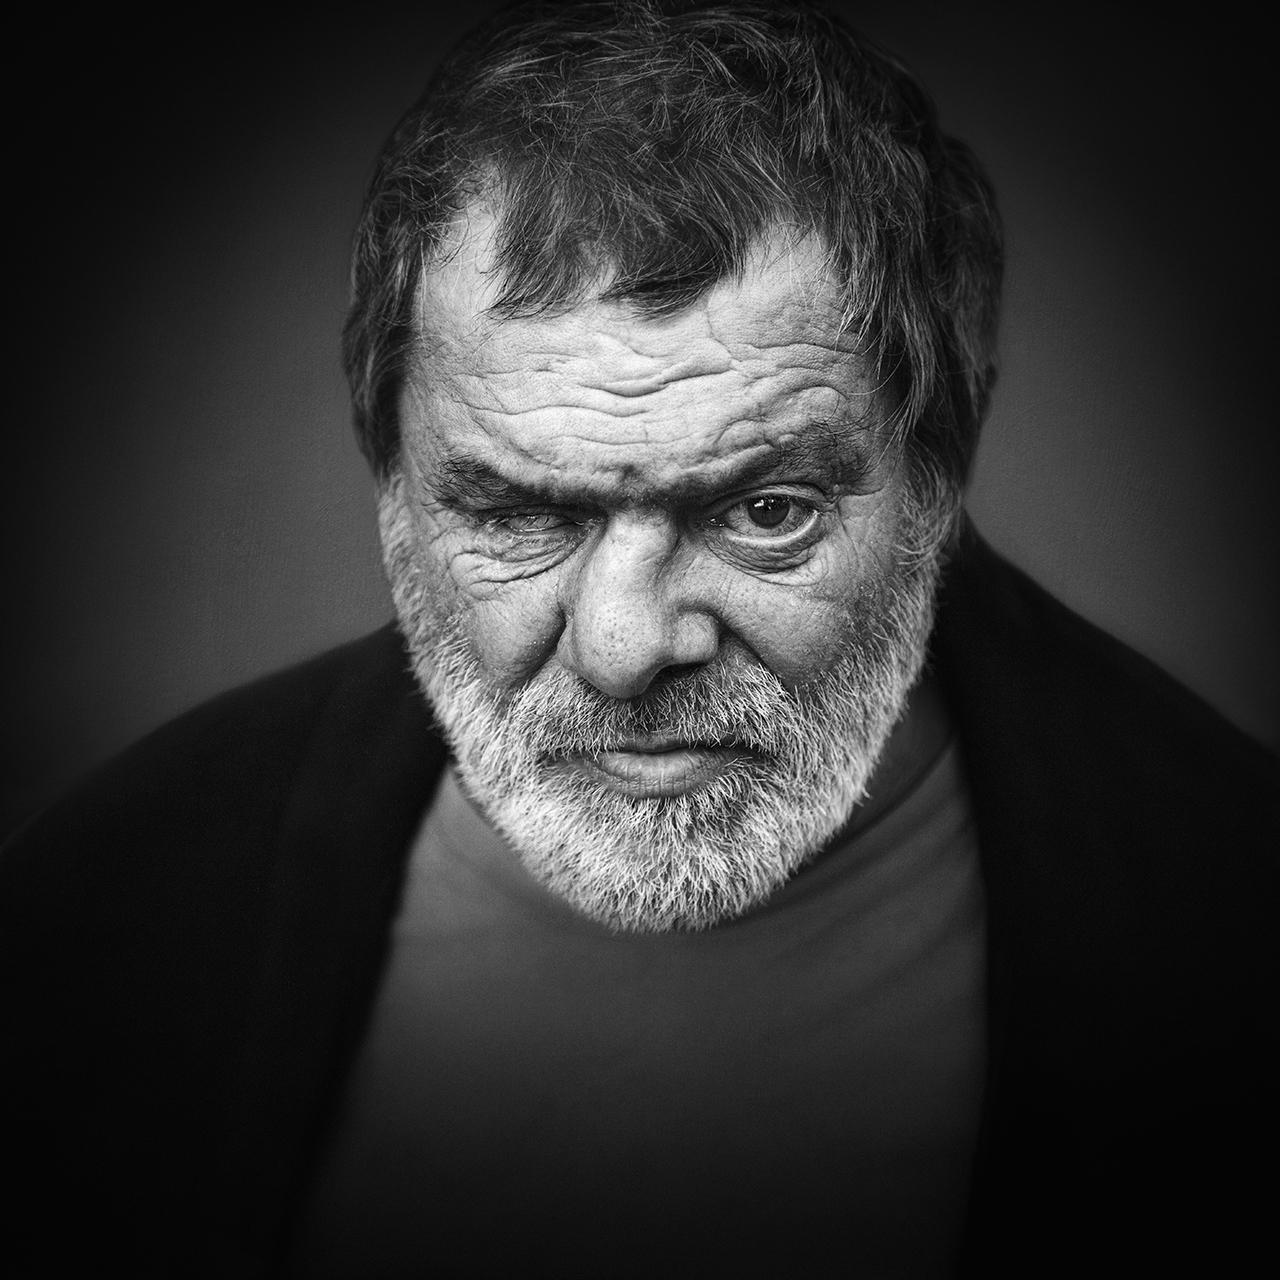 Photo in Portrait | Author Nikolai Milanov - artniko | PHOTO FORUM